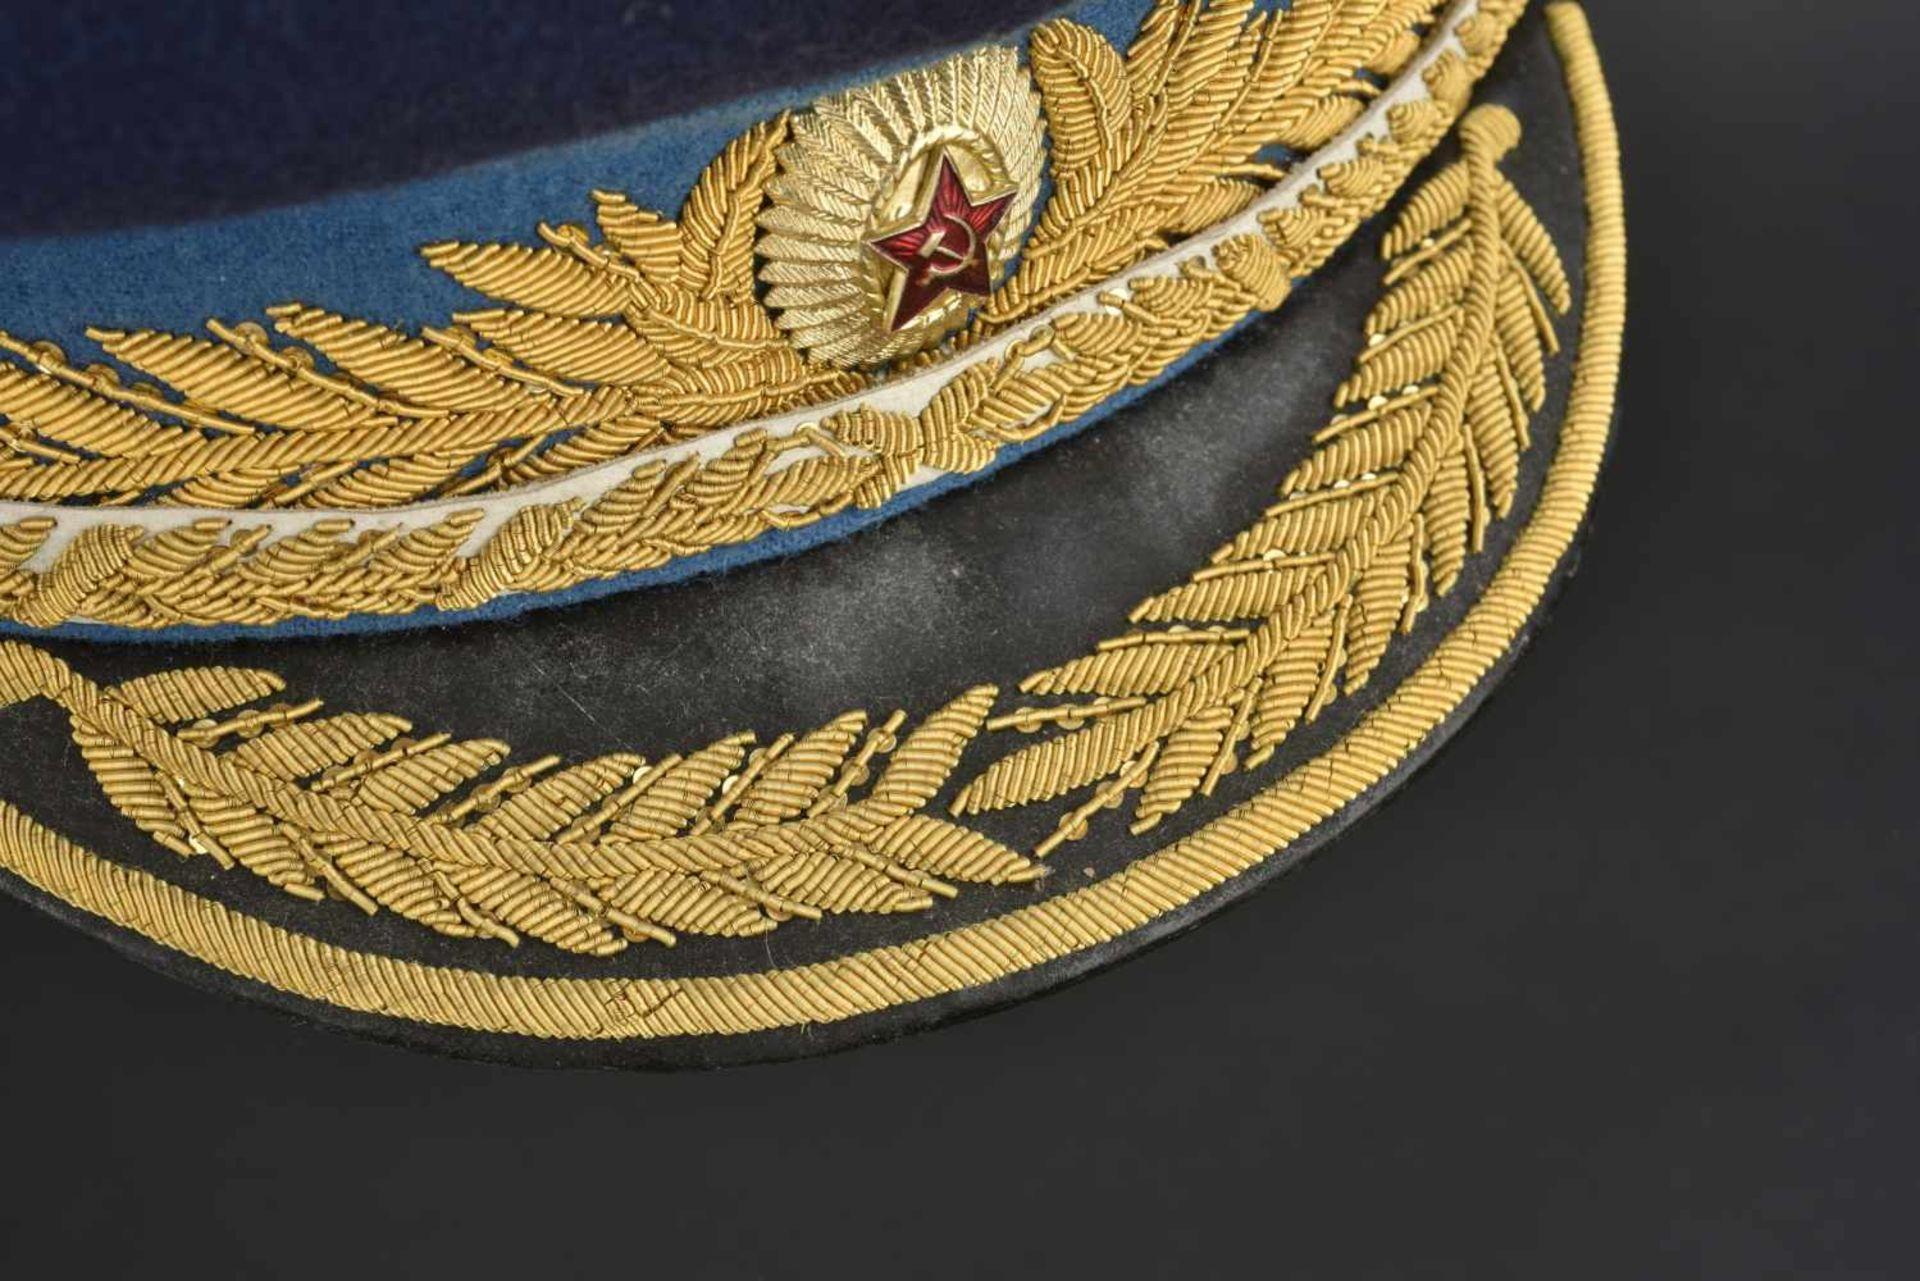 Los 52 - Casquette de général d'aviation soviétique En tissu bleu foncé, bandeau bleu ciel, insigne